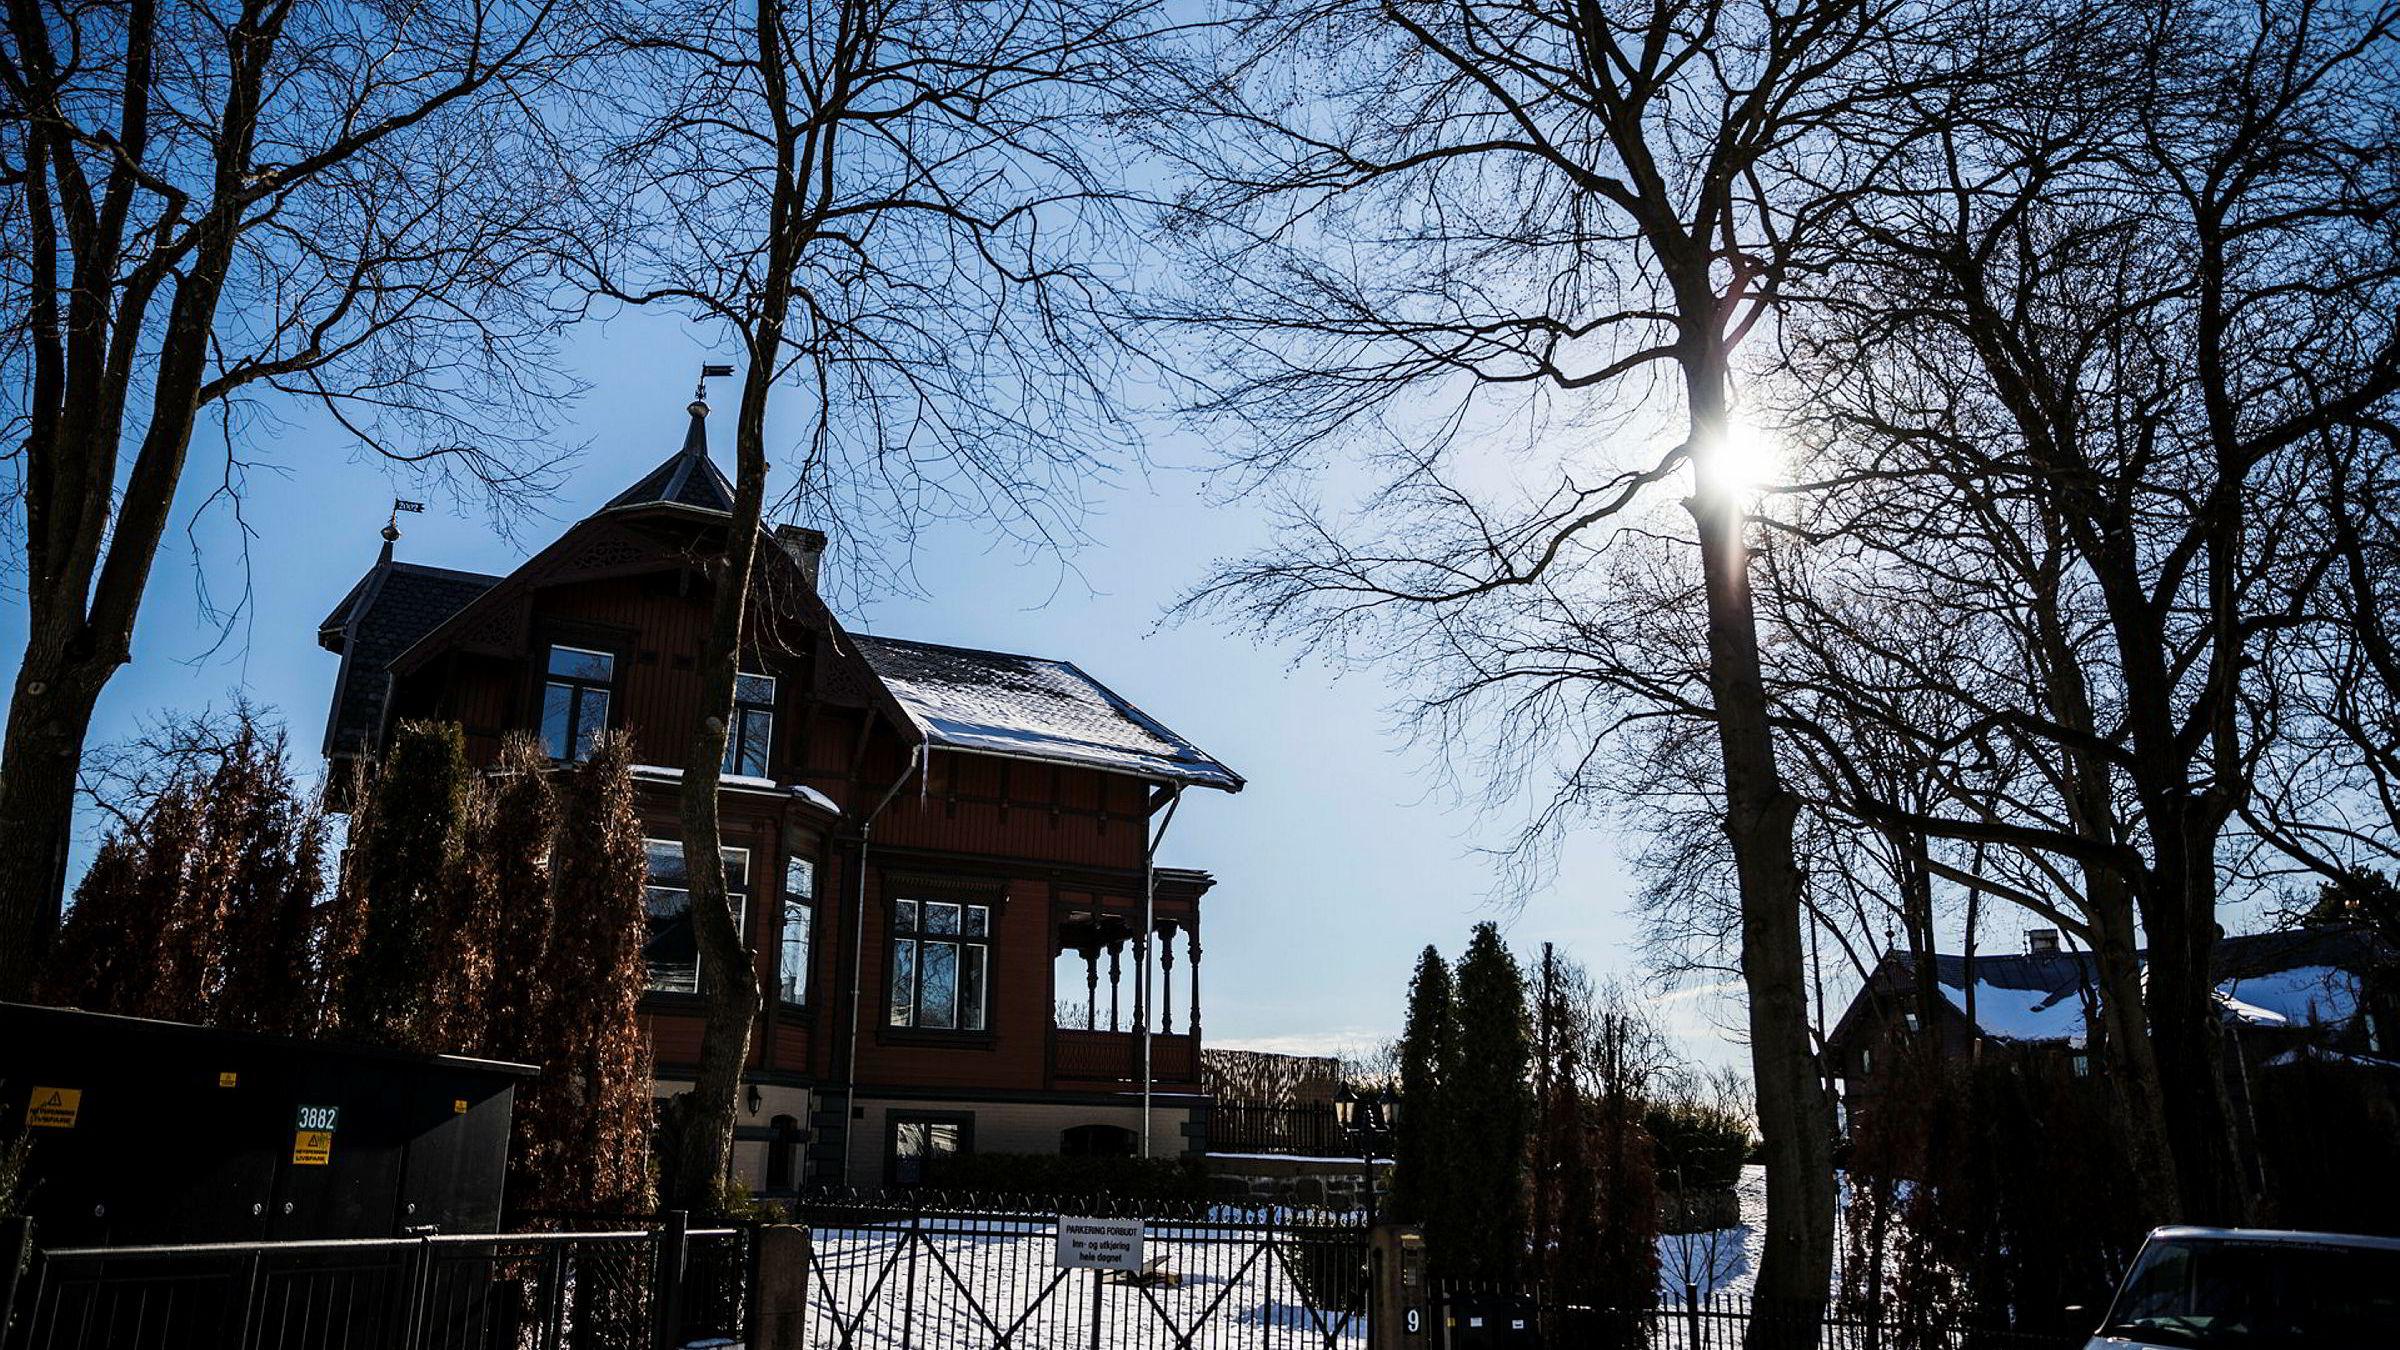 På denne høyden over Frogner ligger Kruses gate 9, som Selvaag-familien ikke lyktes med å bygge ut. Nå forsøker den tidligere meglertoppen Bjørn Sellæg, som selv bor i huset, og to kjente investorer å hente ut potensialet i prakteiendommen.